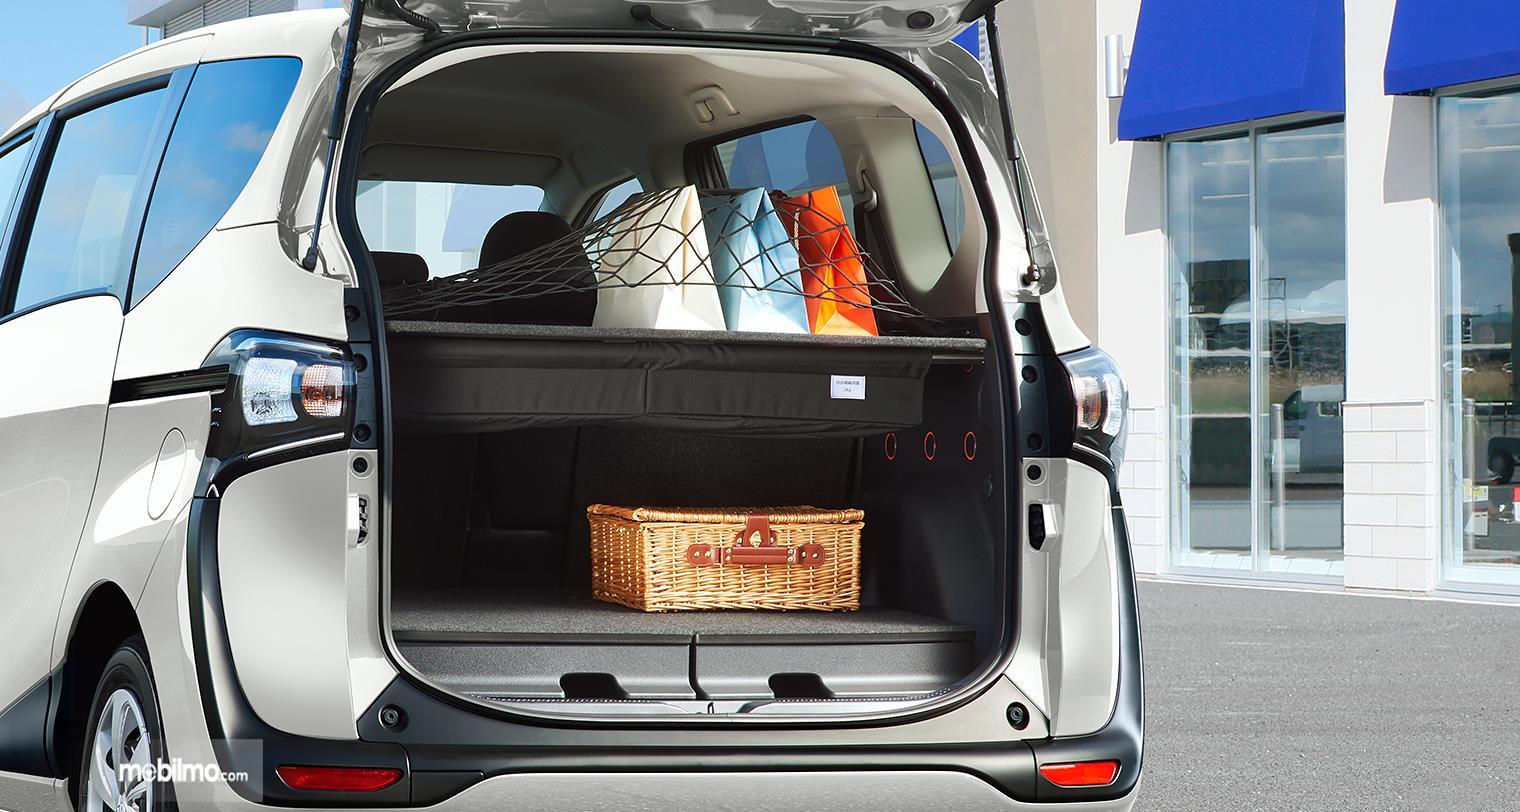 Foto Toyota Sienta Funbase tampak dari belakang pintu terbuka